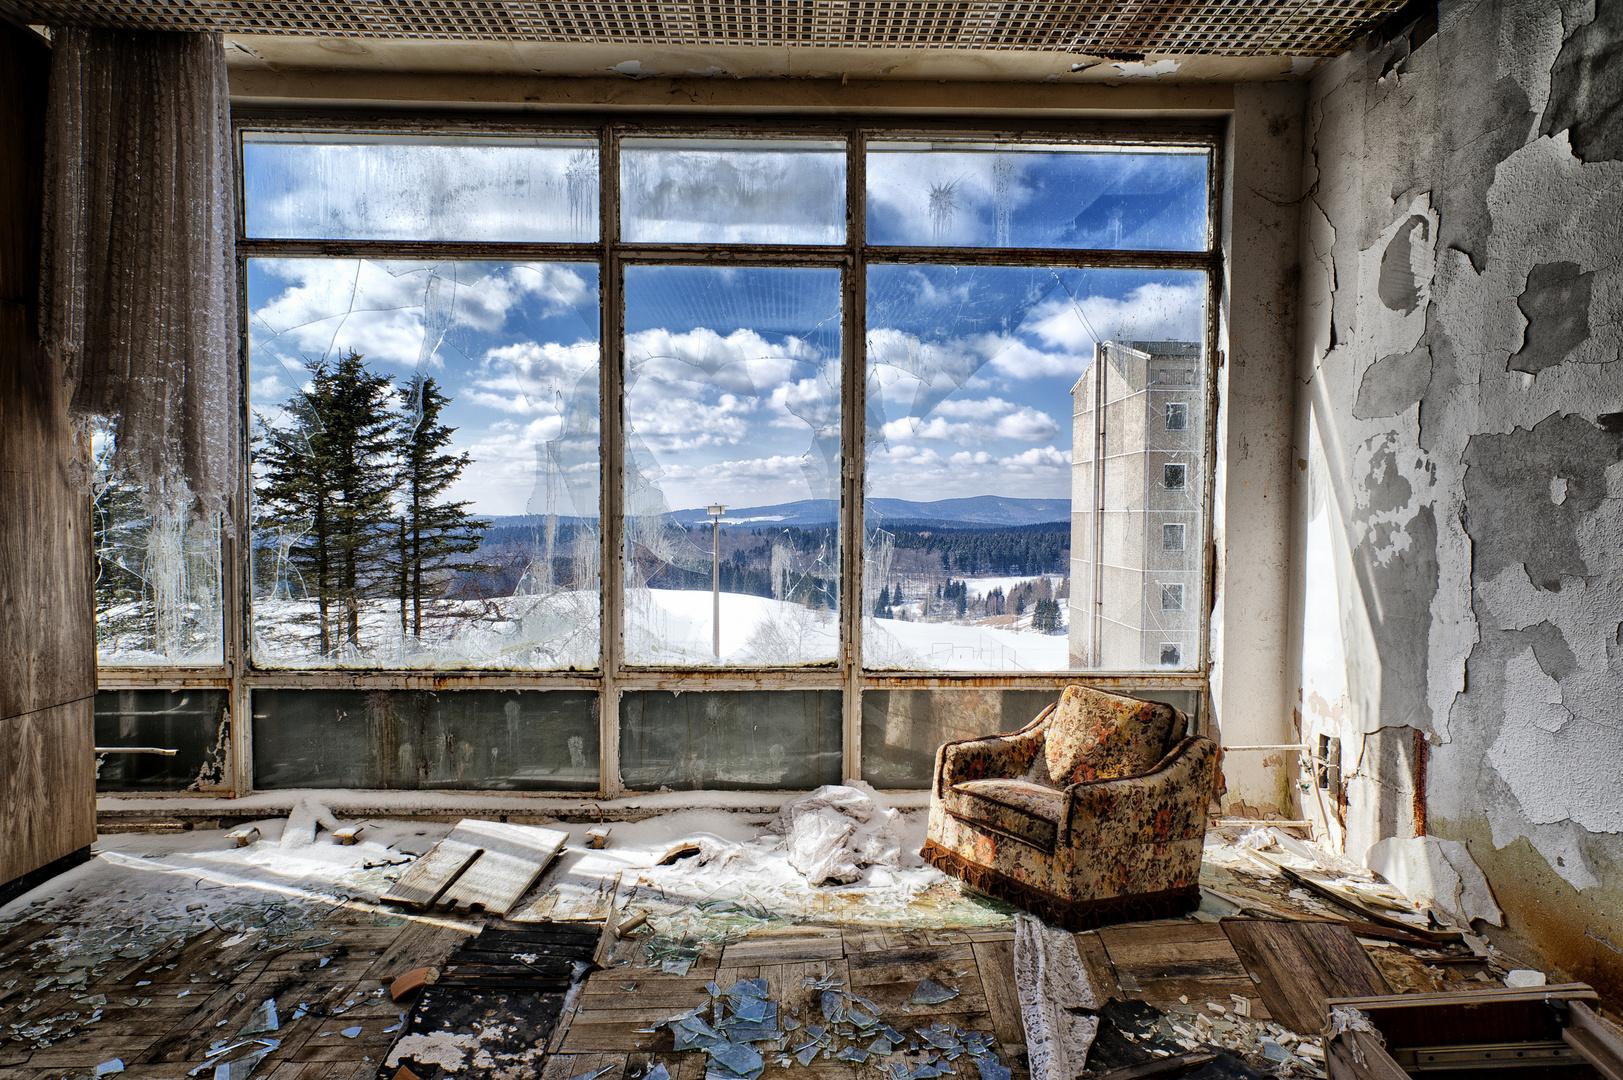 Zimmer mit aussicht foto bild architektur lost places for Zimmer mit aussicht